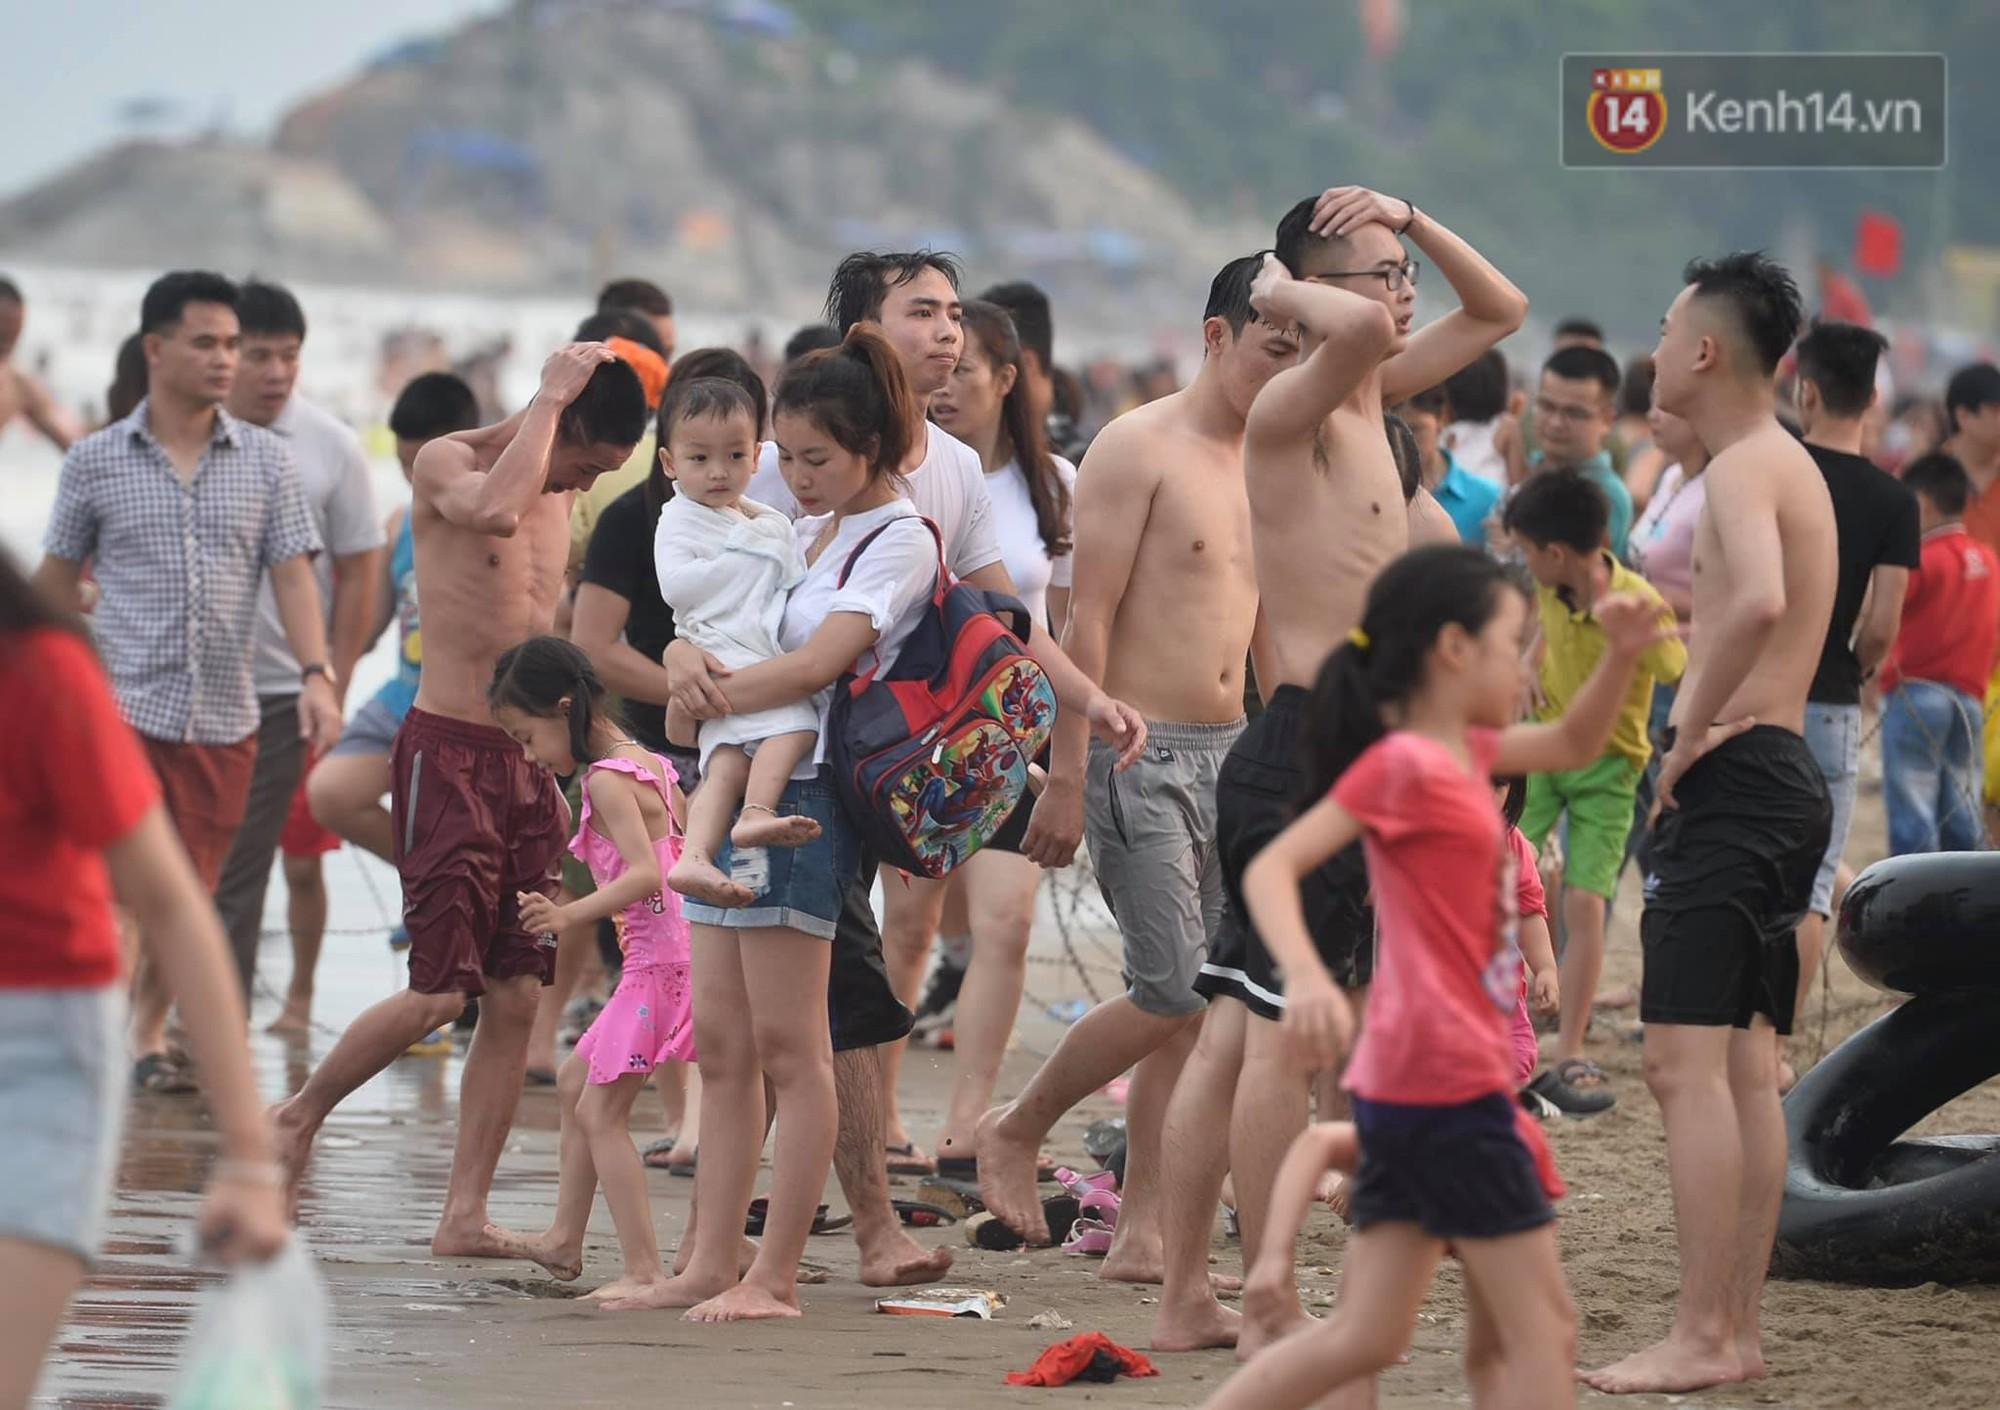 Biển người đổ về Sầm Sơn tắm biển ngày đầu kỷ nghỉ lễ Giỗ tổ Hùng Vương - Ảnh 3.